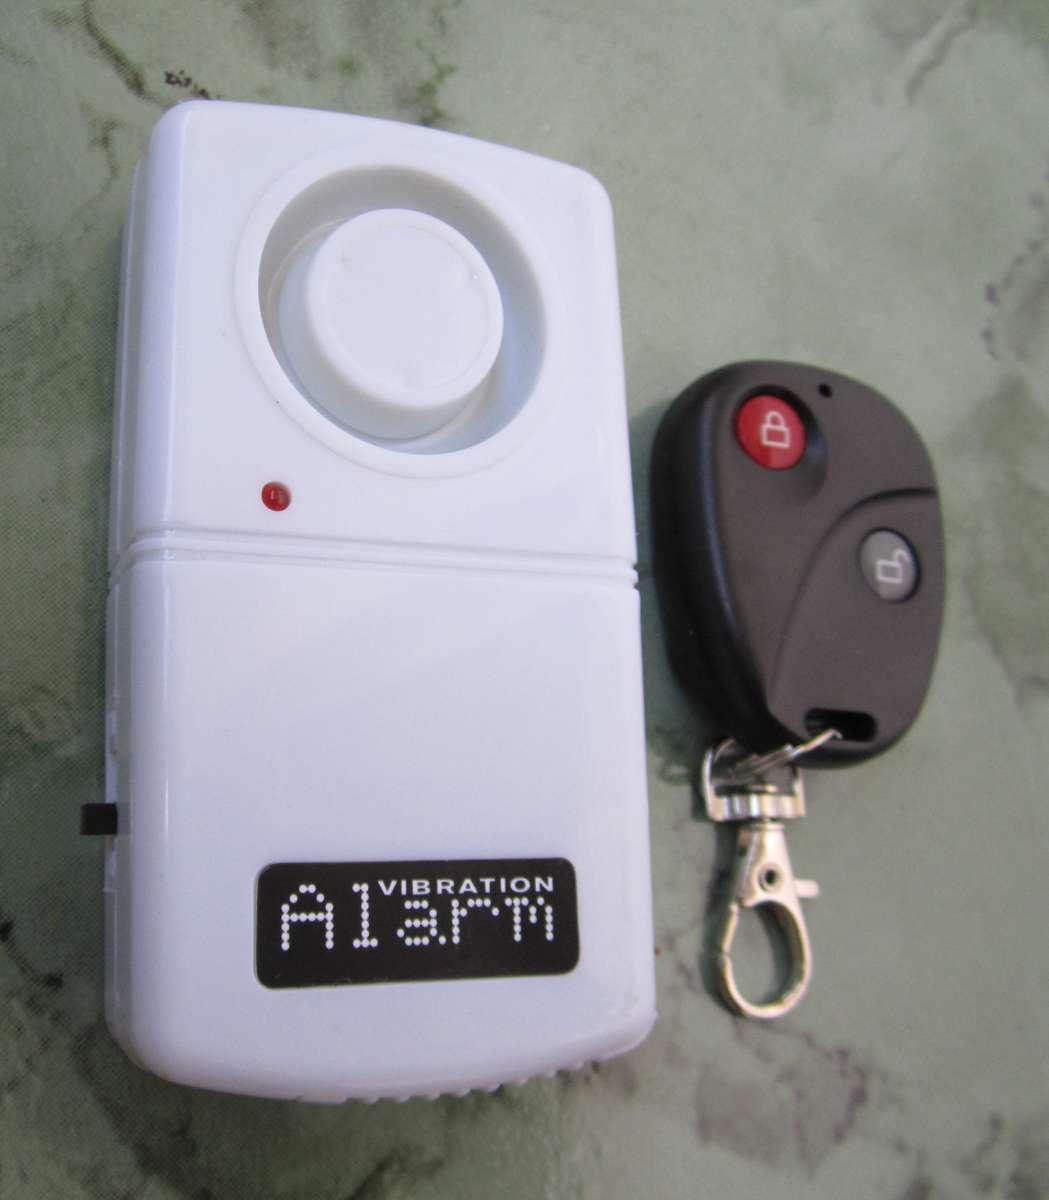 Охранная вибро сигнализация «Vibration Alarm» с брелком